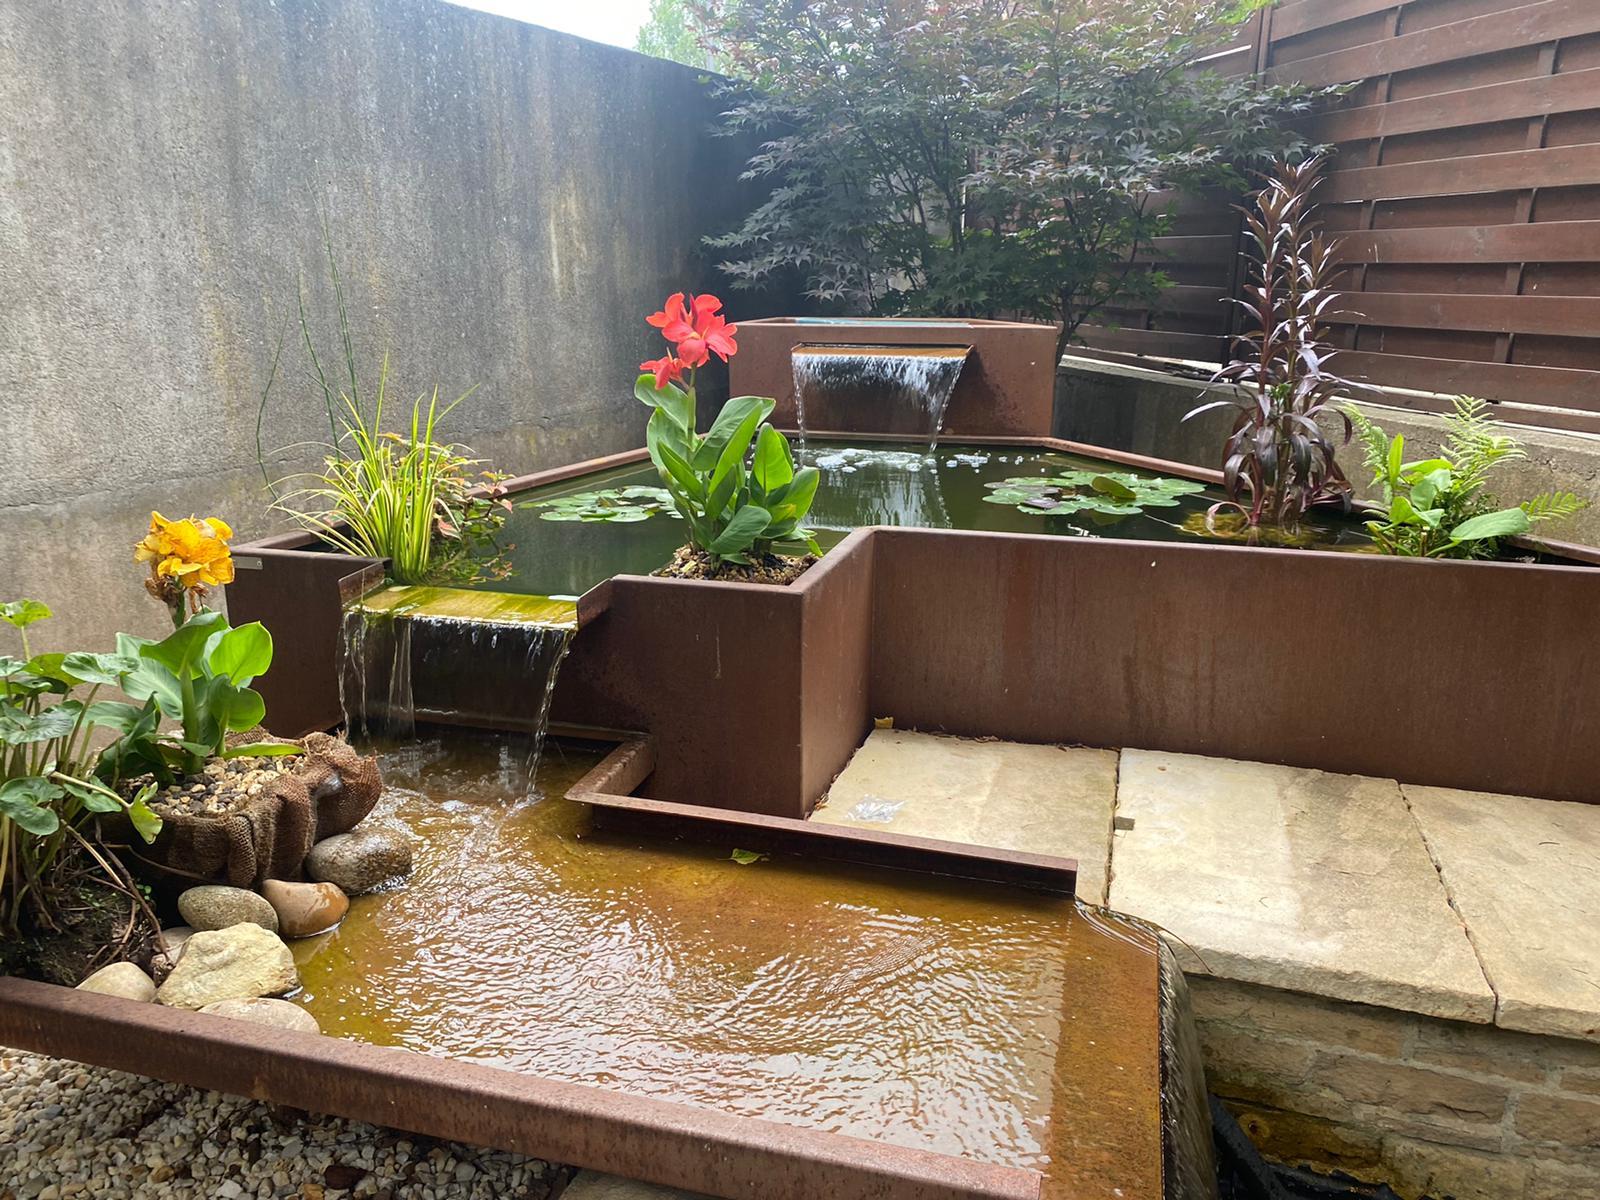 Aménagement paysager (projet Klopp) réalisé par Paysage Luxembourgeois avec superposition de fontaines en acier corten. Le métier de paysagiste est complet, il faut savoir travailler avec les différents espaces et savoir adapter son mobilier.